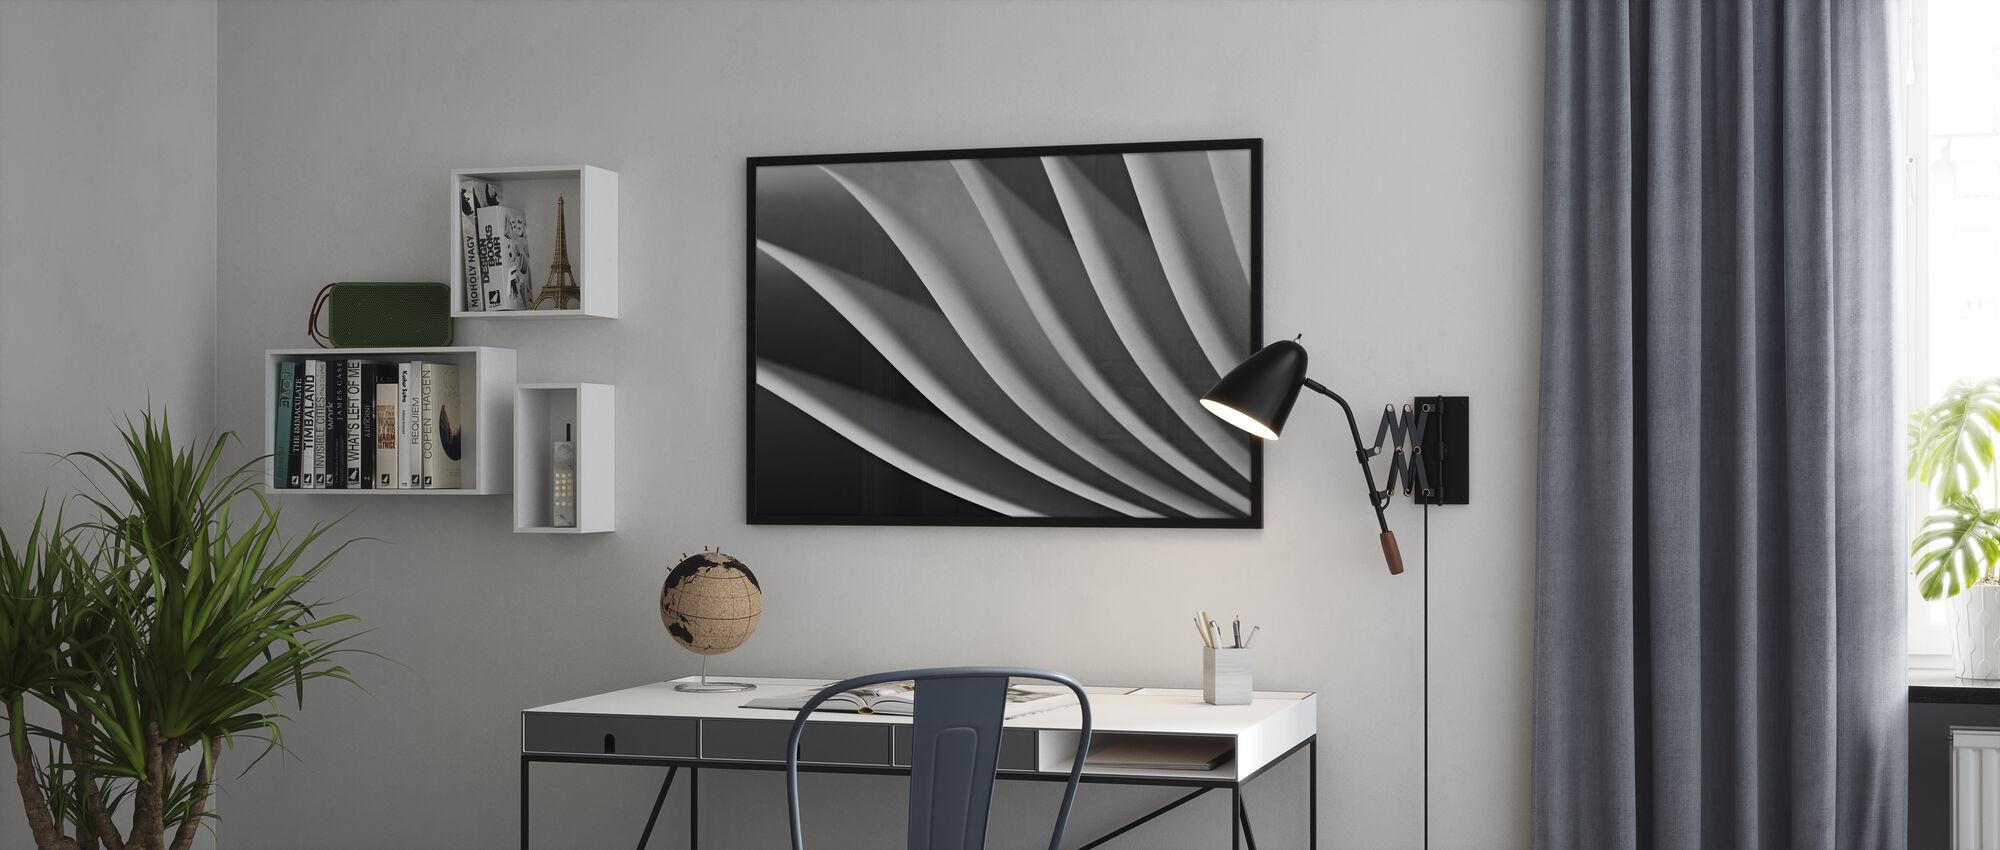 Paperi aalto - Kehystetty kuva - Toimisto